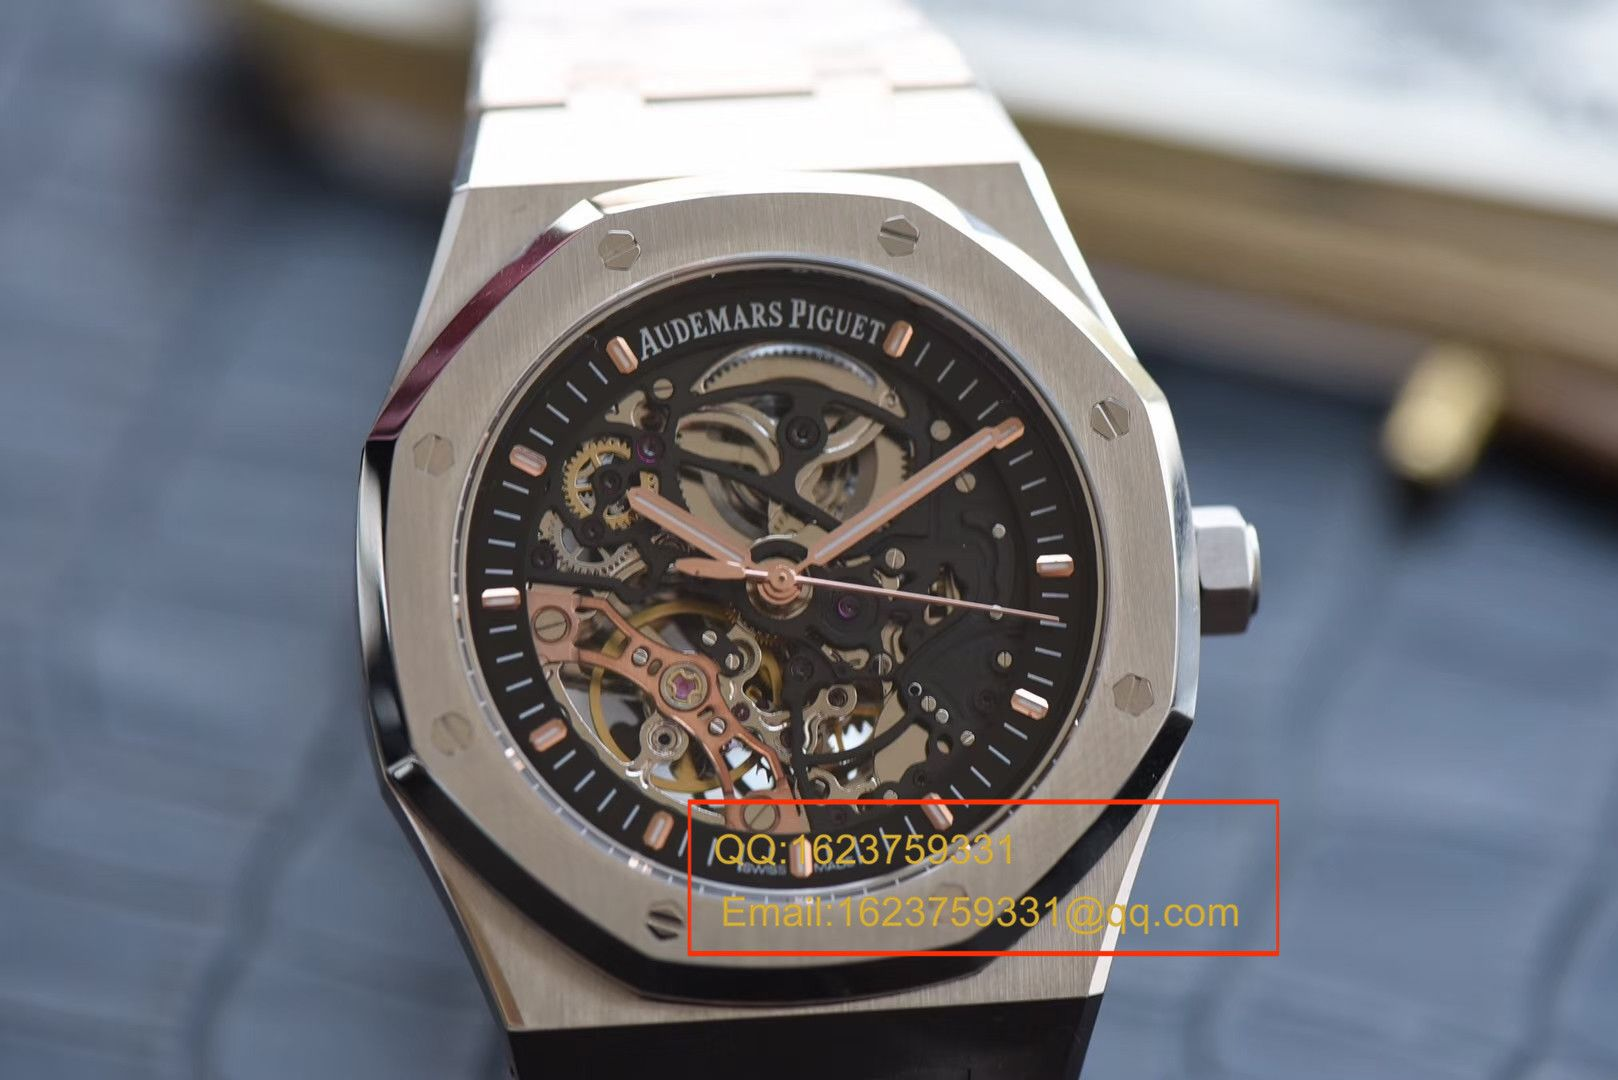 【视频评测JF一比一超A高仿手表】爱彼皇家橡树双摆轮镂空系列15407ST.OO.1220ST.01腕表 / APBD131